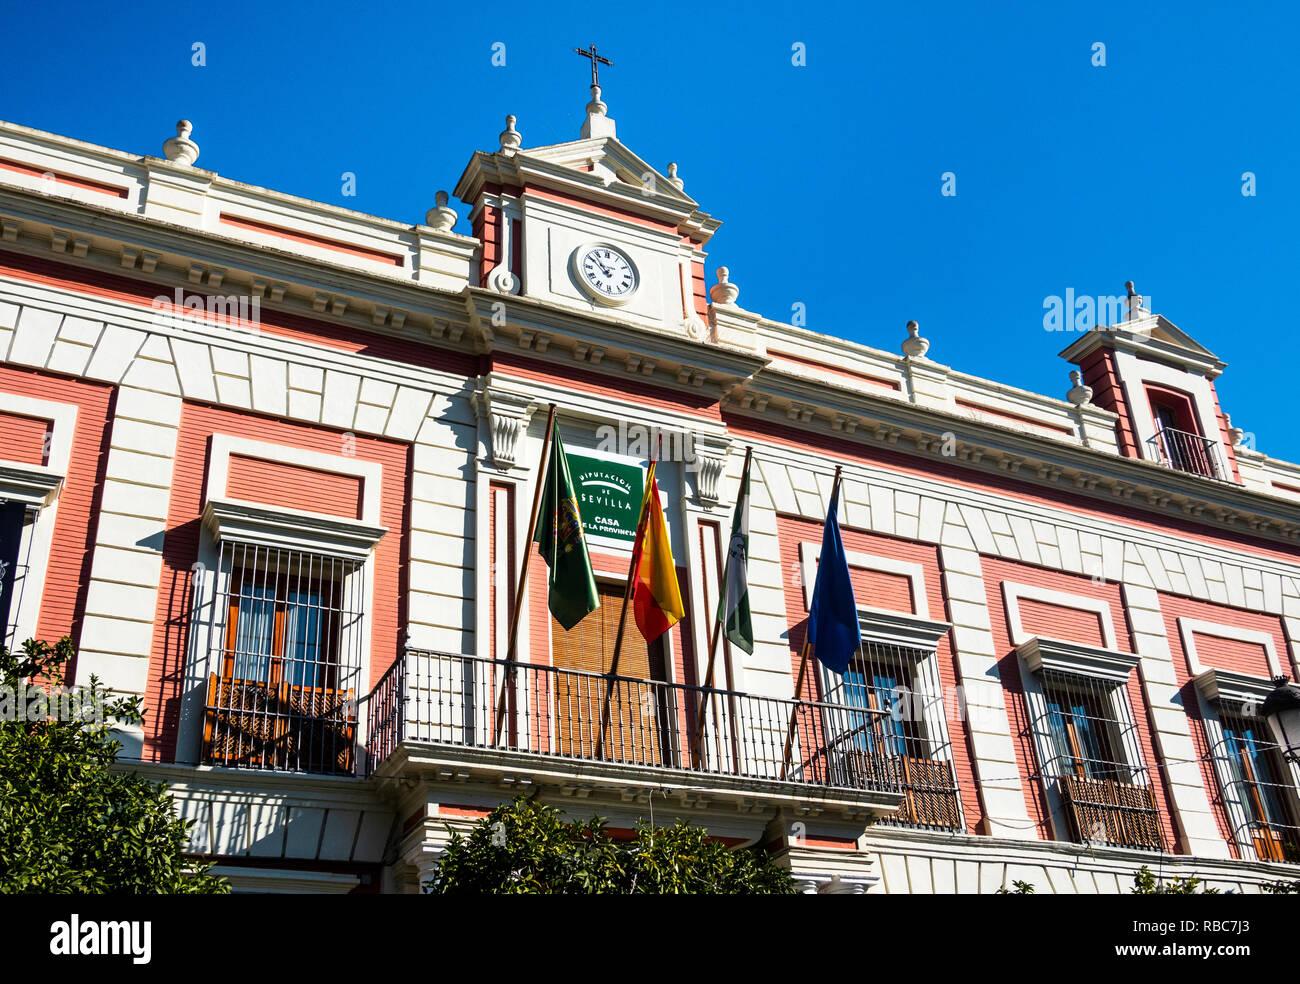 La entrada a la Casa de la provincia de Sevilla, España. Imagen De Stock